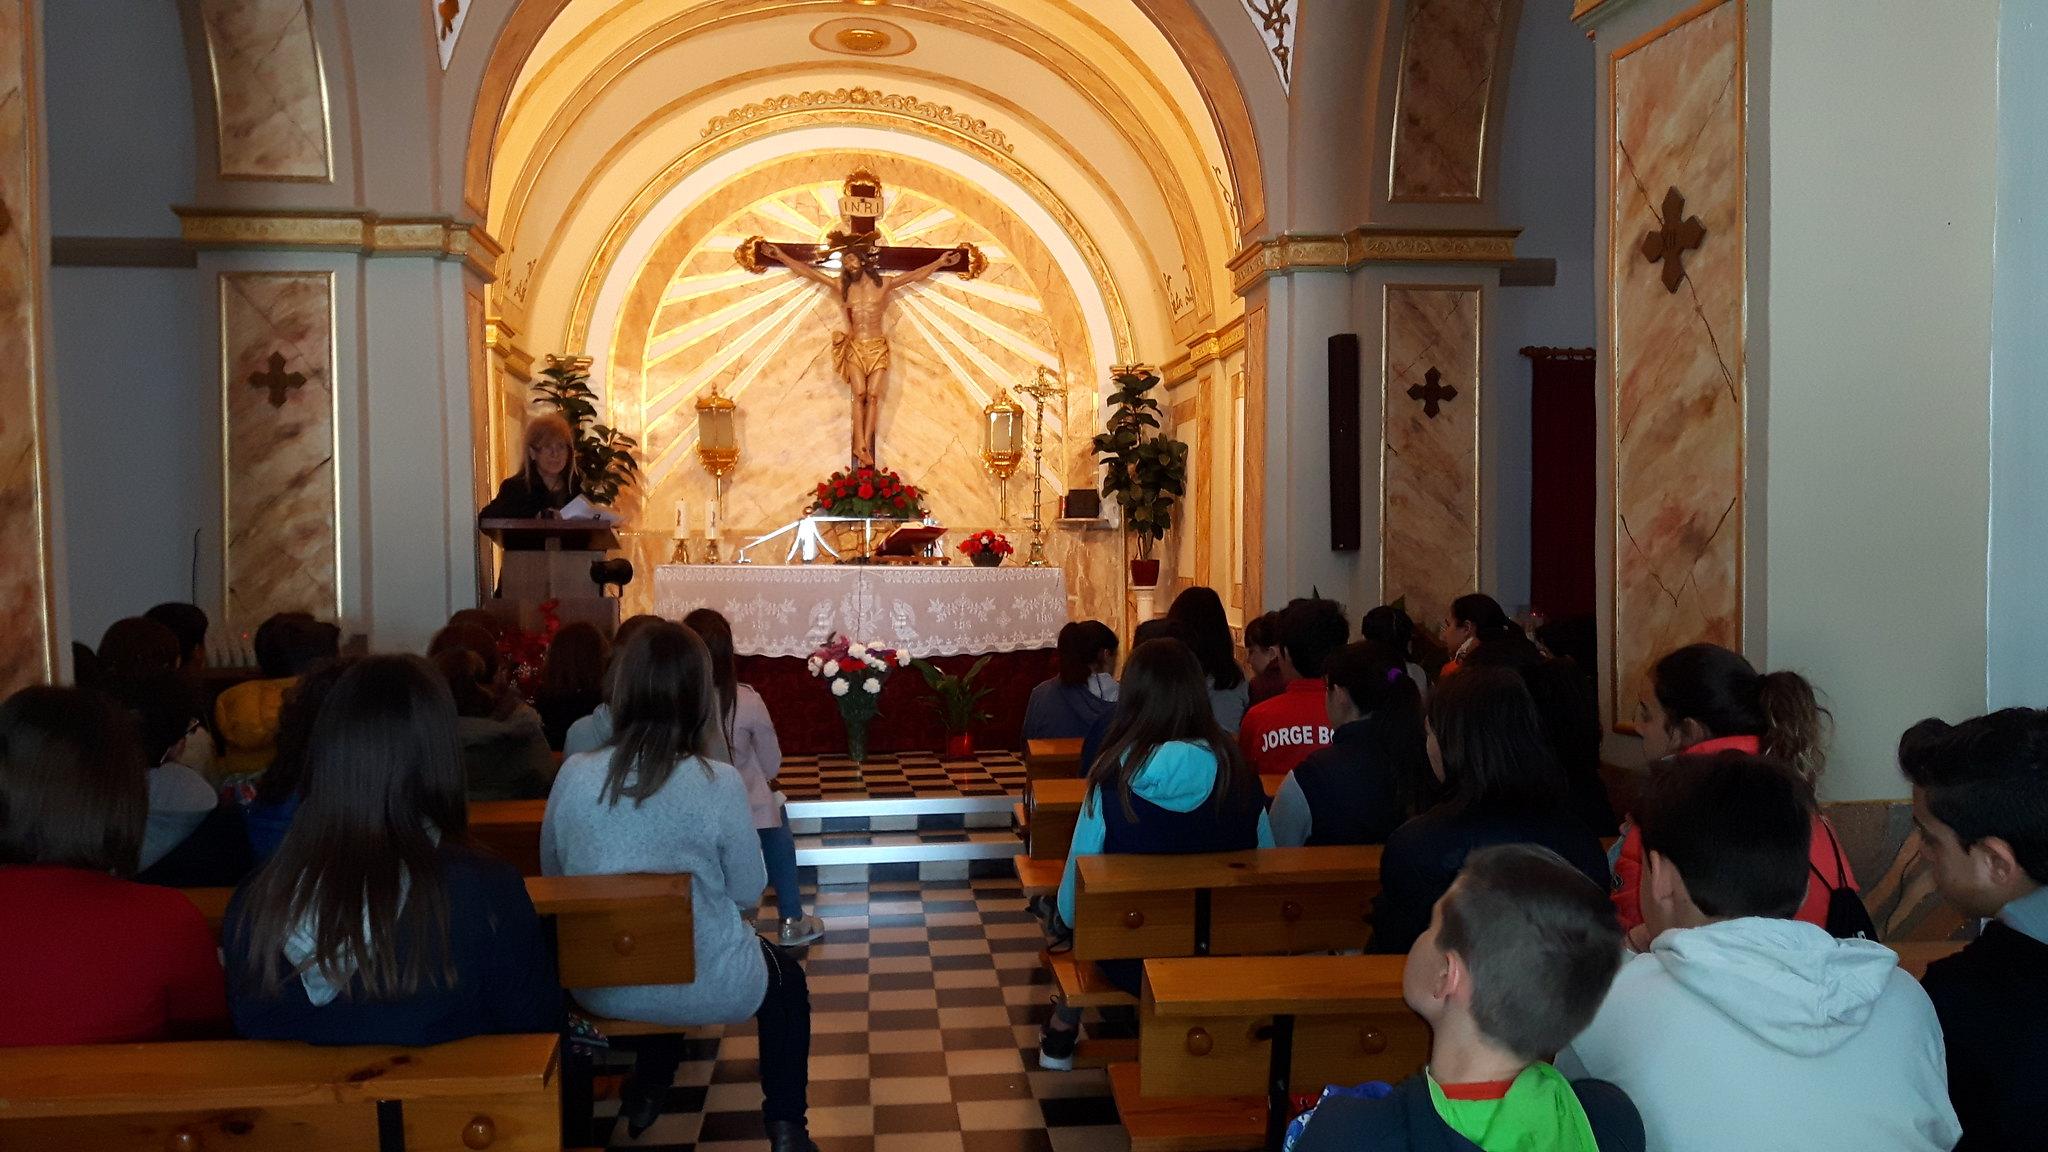 (2017-03-31) - Visita ermita alumnos Yolada-Pilar, Virrey Poveda-9 de Octubre - Maria Isabel Berenquer Brotons (09)